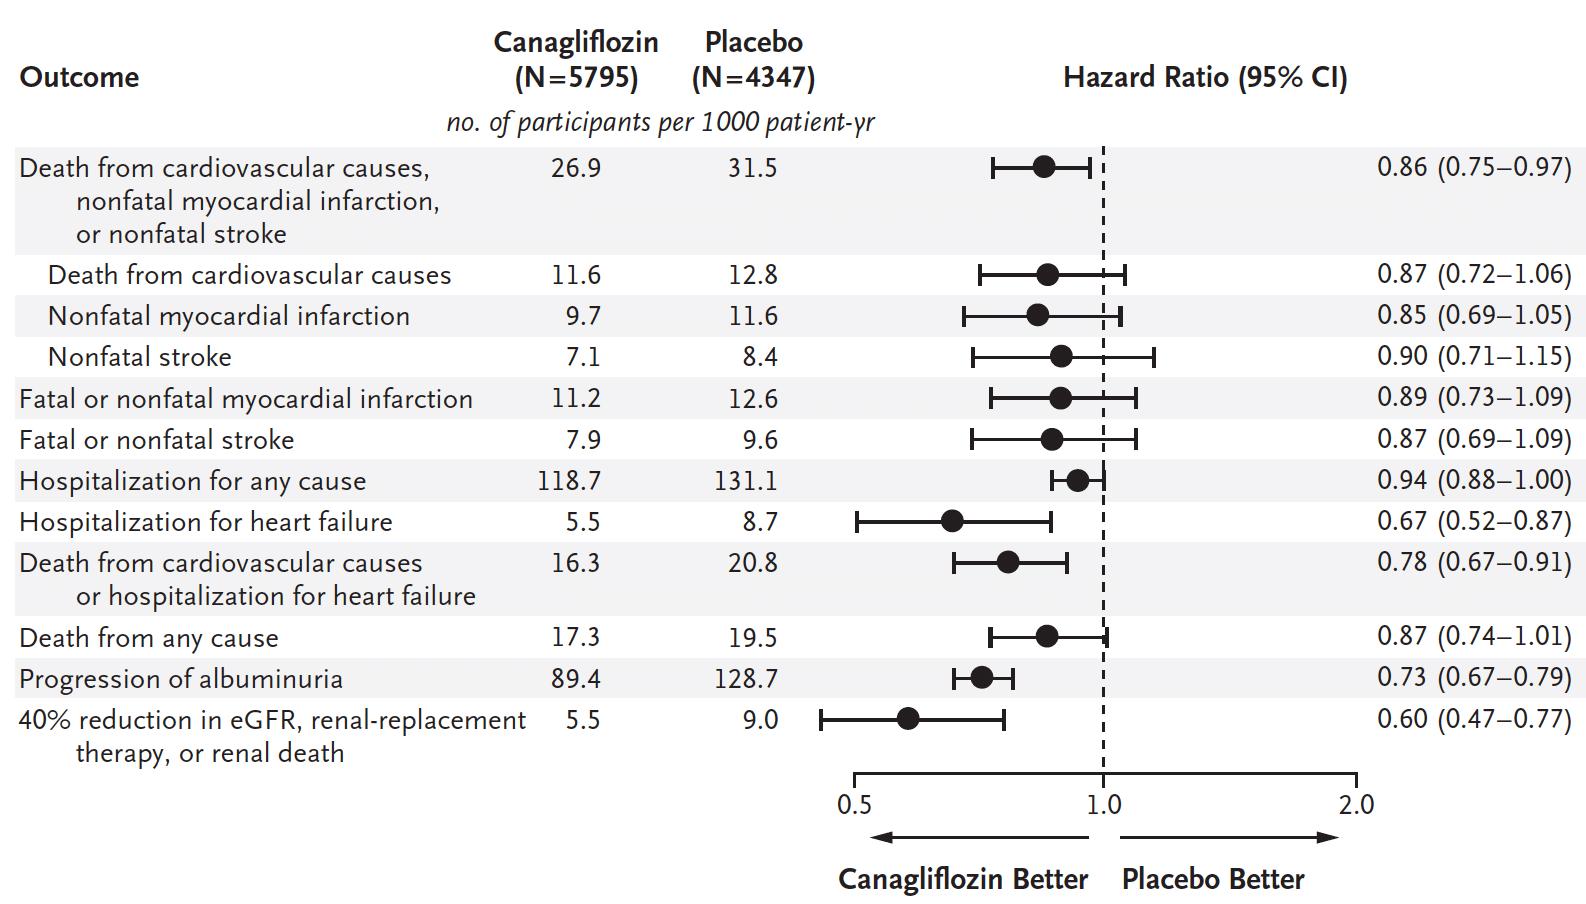 Här ser vi effekten av canagliflozin, jämfört med placebo. Vi tittar på många olika händelser och för samtliga dessa händelser visar analysen att risken är lägre för de som fick canagliflozin, men alla skillnader var inte statistiskt säkra.